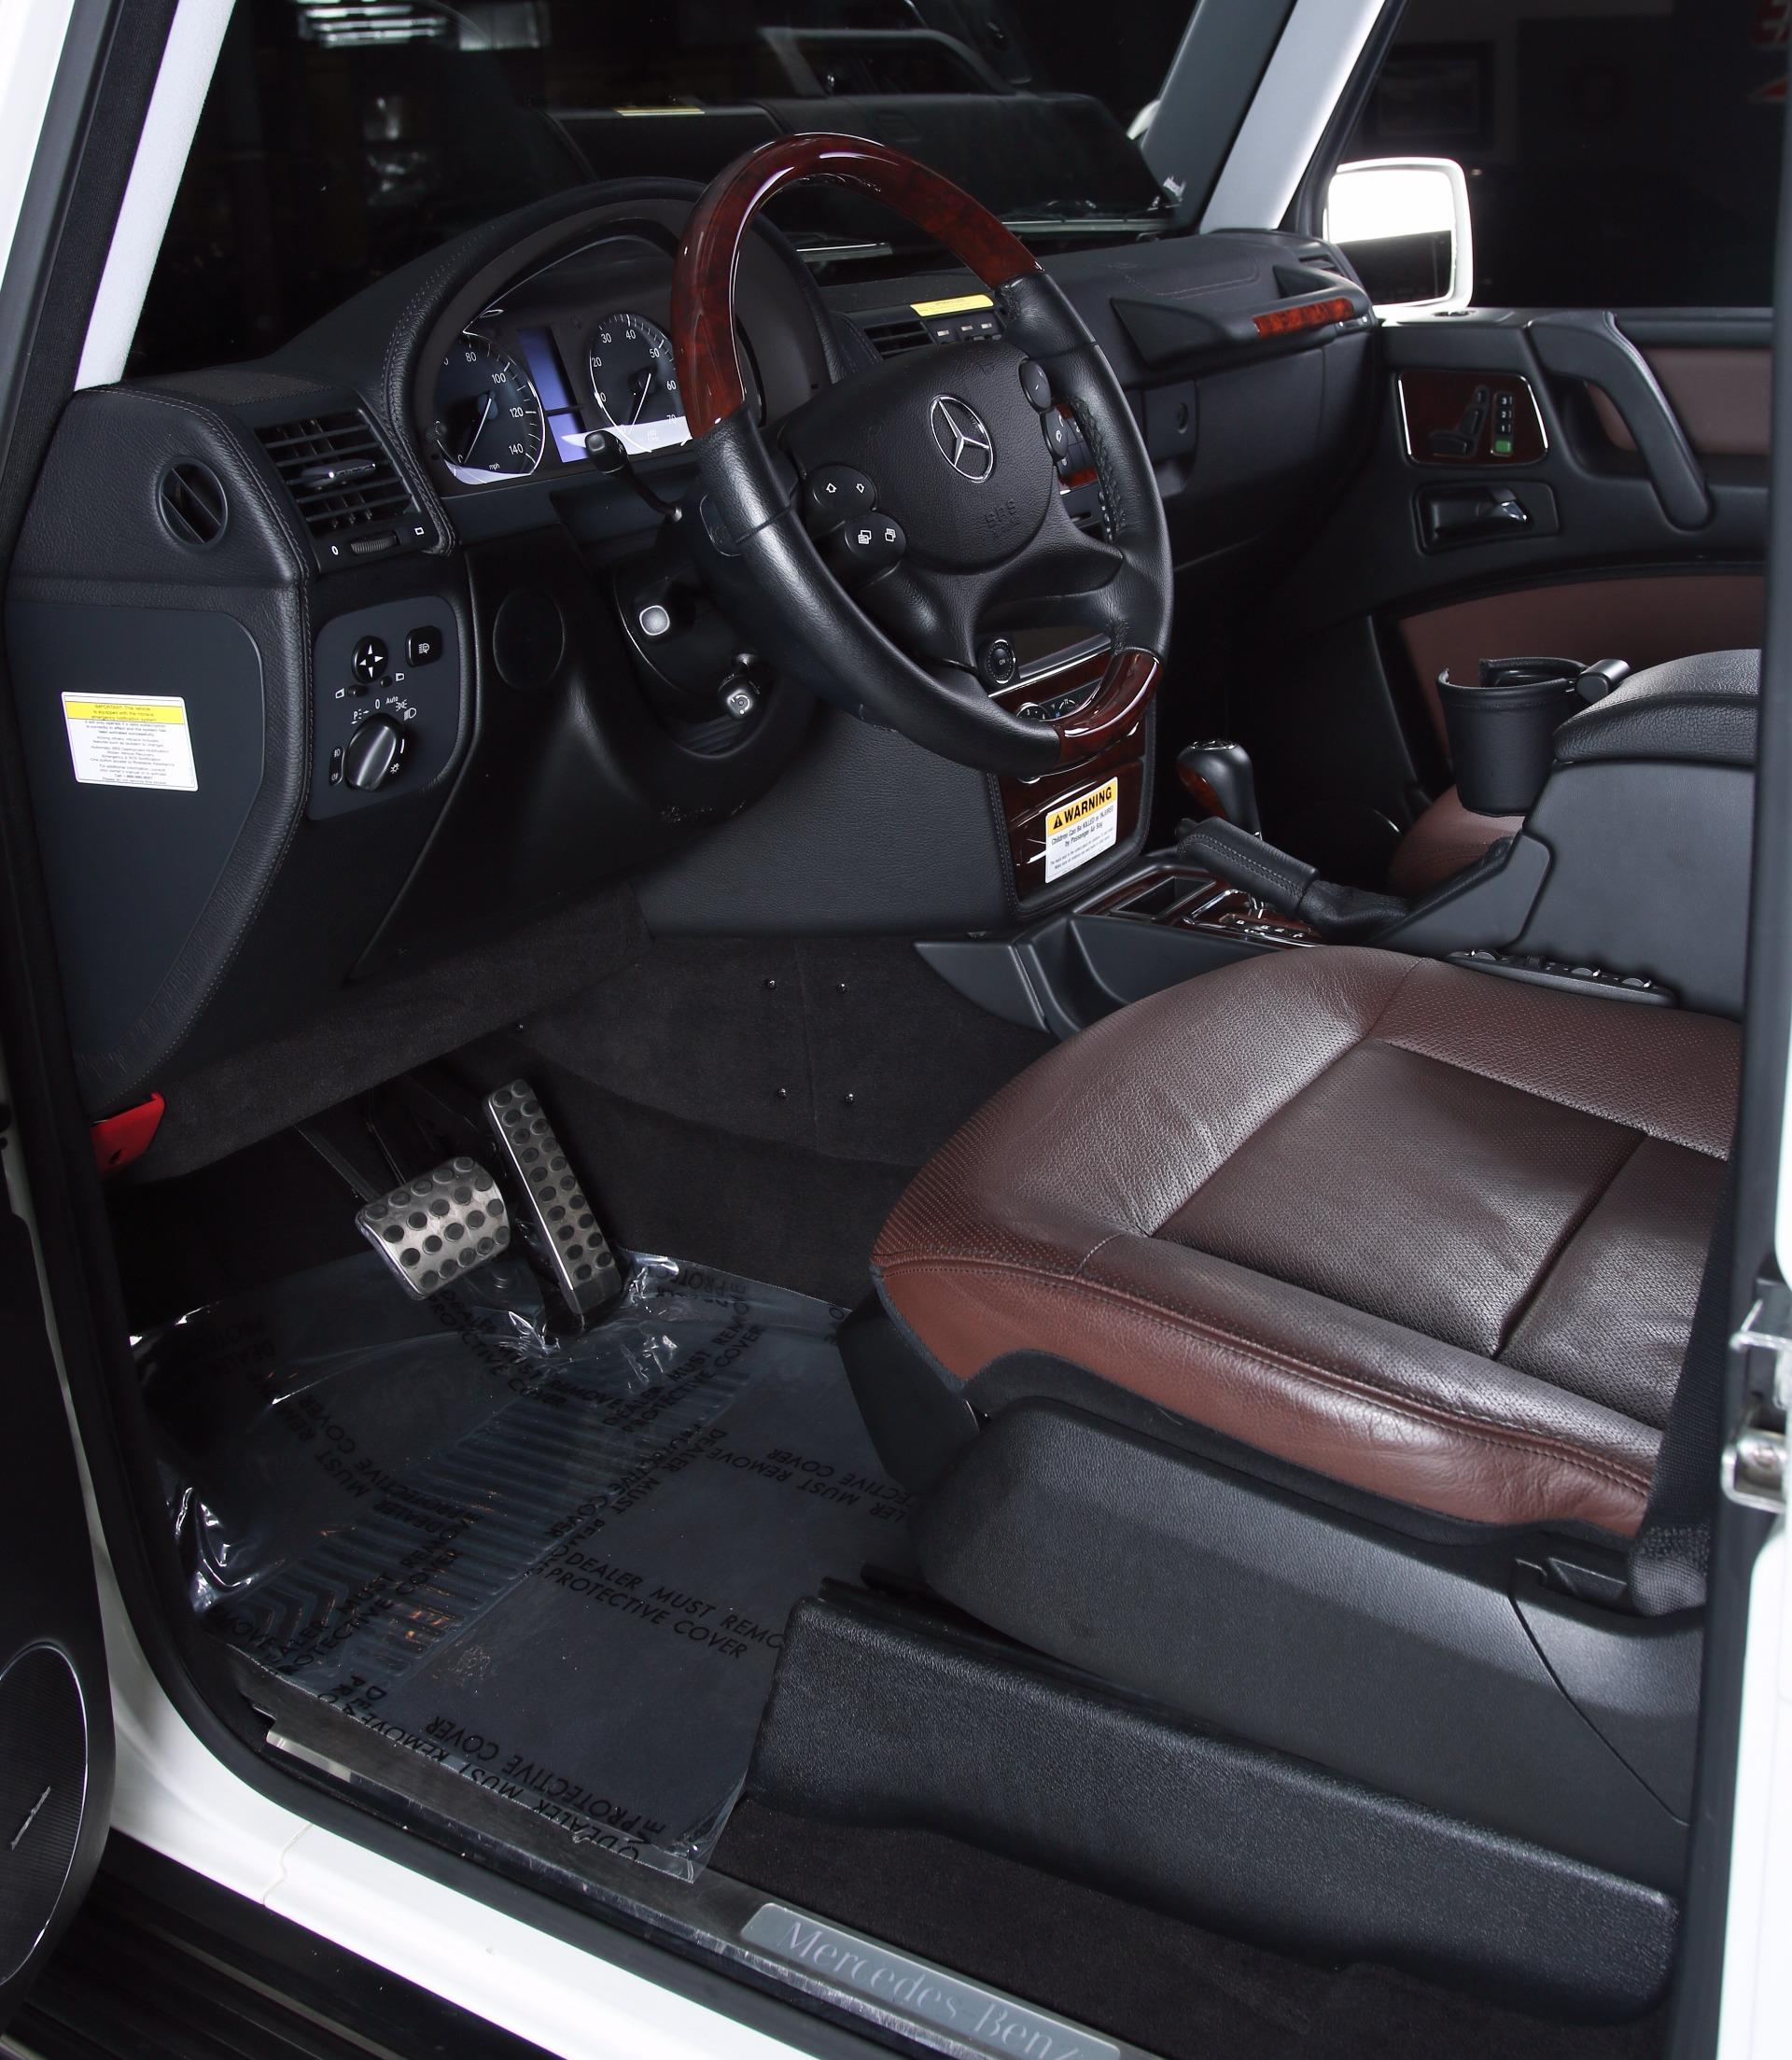 2012 Mercedes-Benz G-Class G550 4MATIC Stock # 1233 For